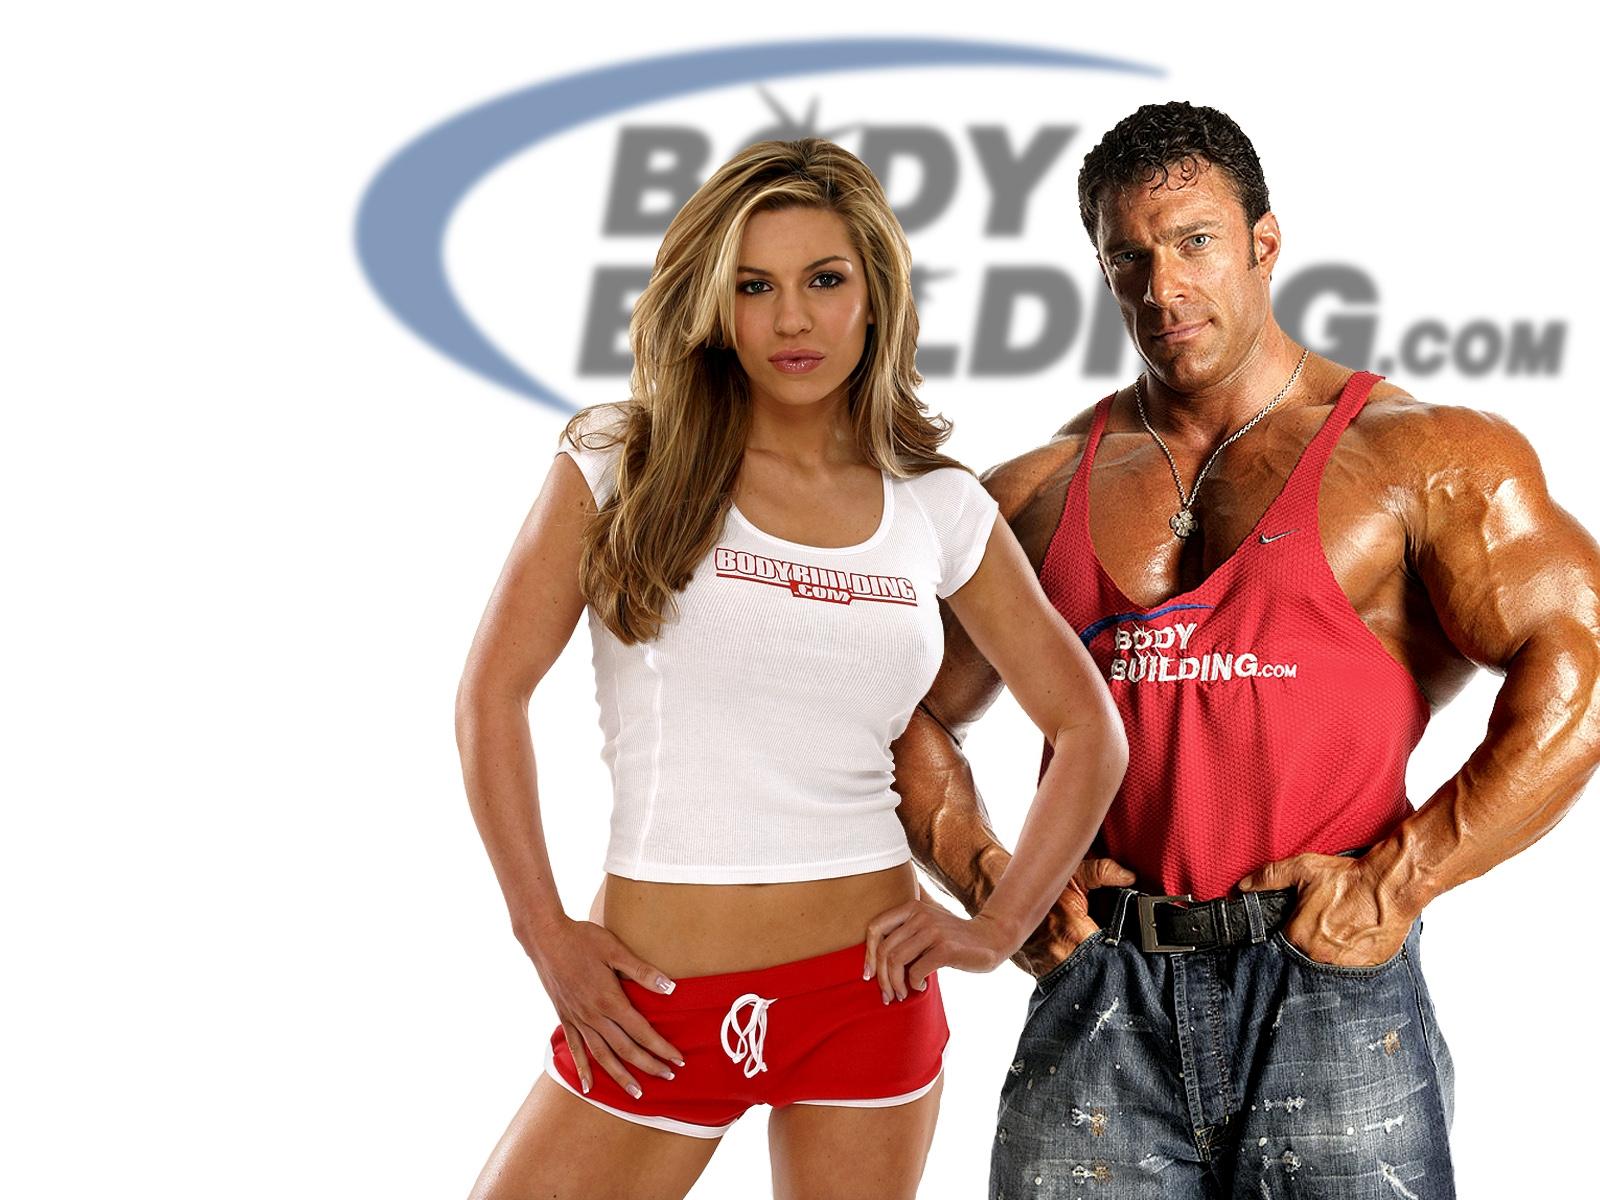 Категории на соревнованиях фитнес-бикини. что нужно знать. | блог bodylab о спорте и правильном питании